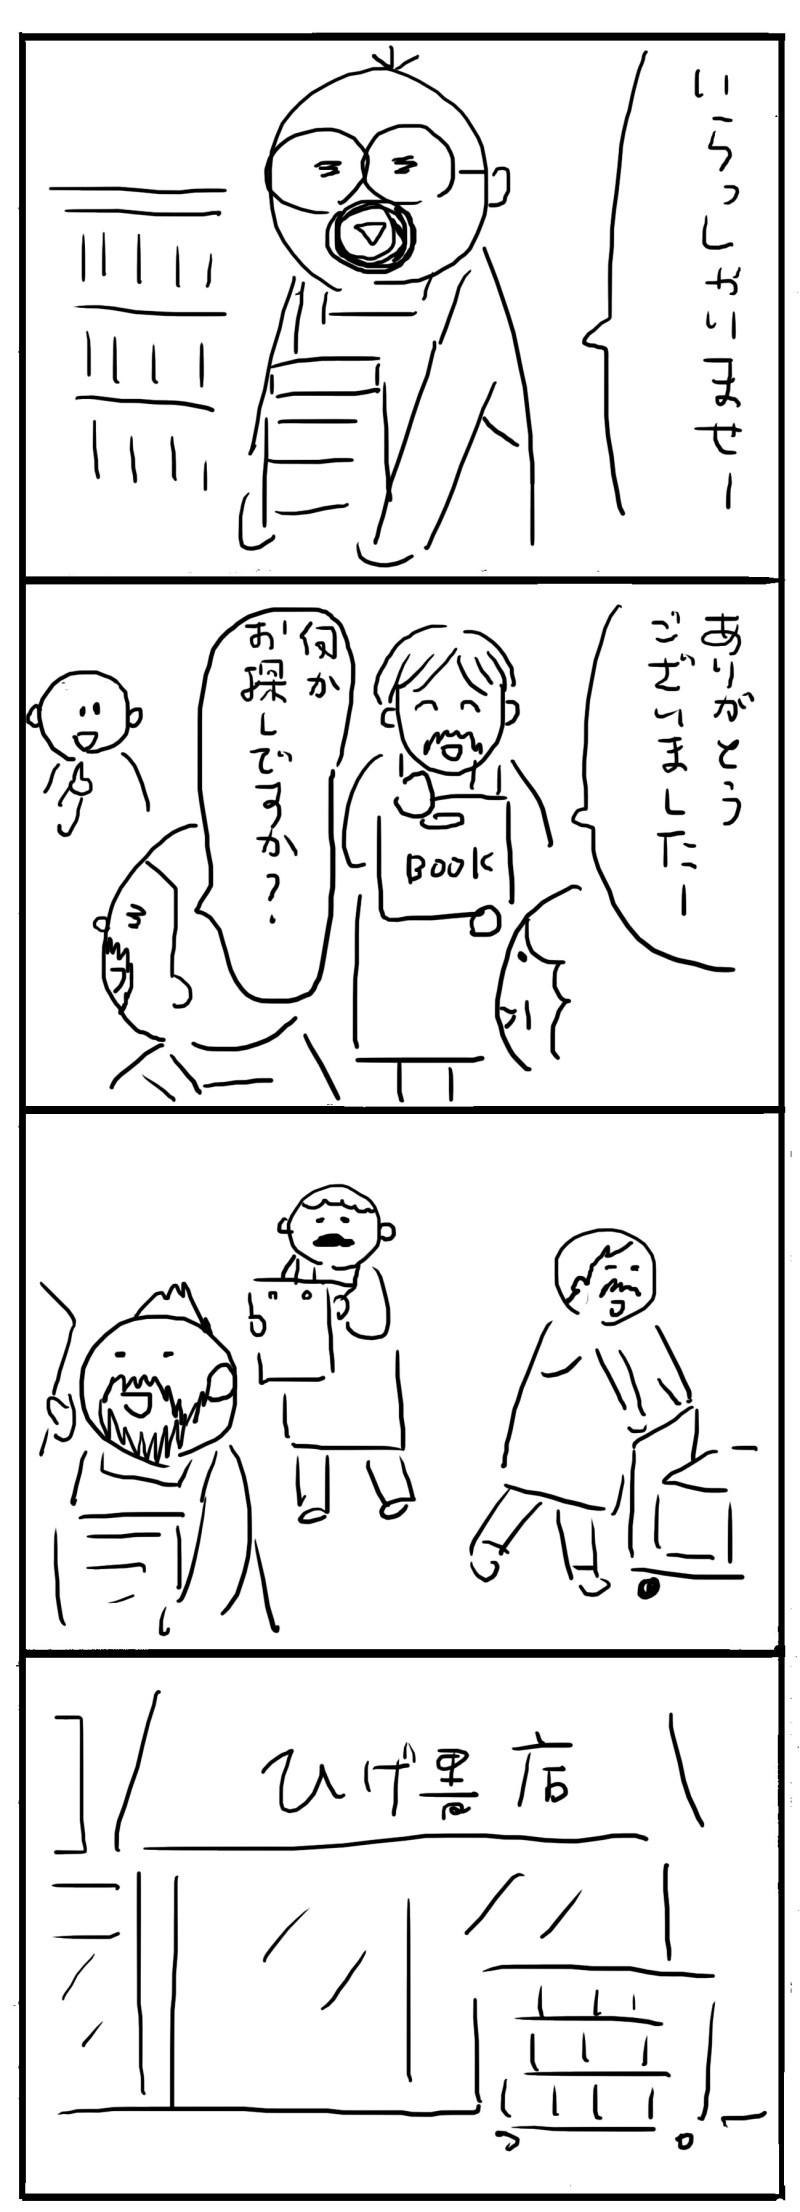 fdb43174.jpg